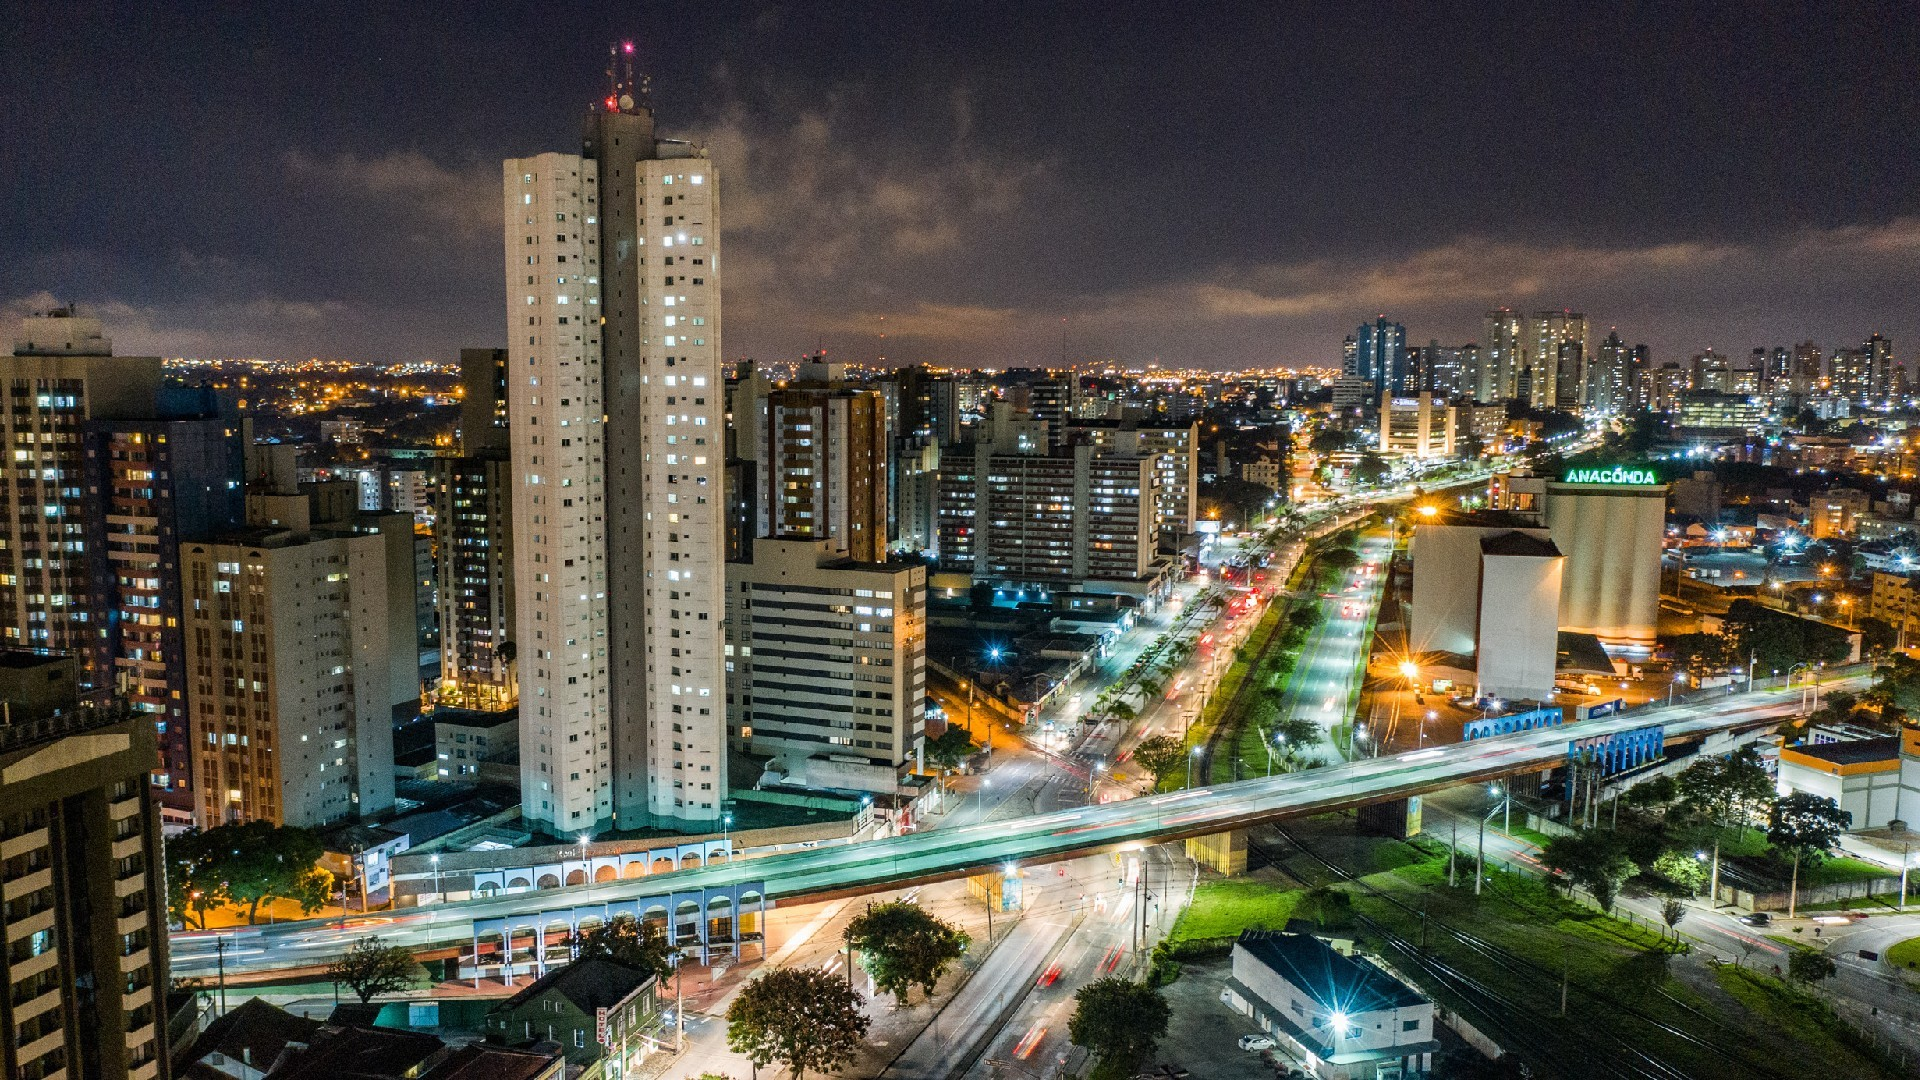 Curitiba permite apresentações teatrais e musicais em espaços abertos, com ocupação máxima de 60% e limite de 5 mil pessoas